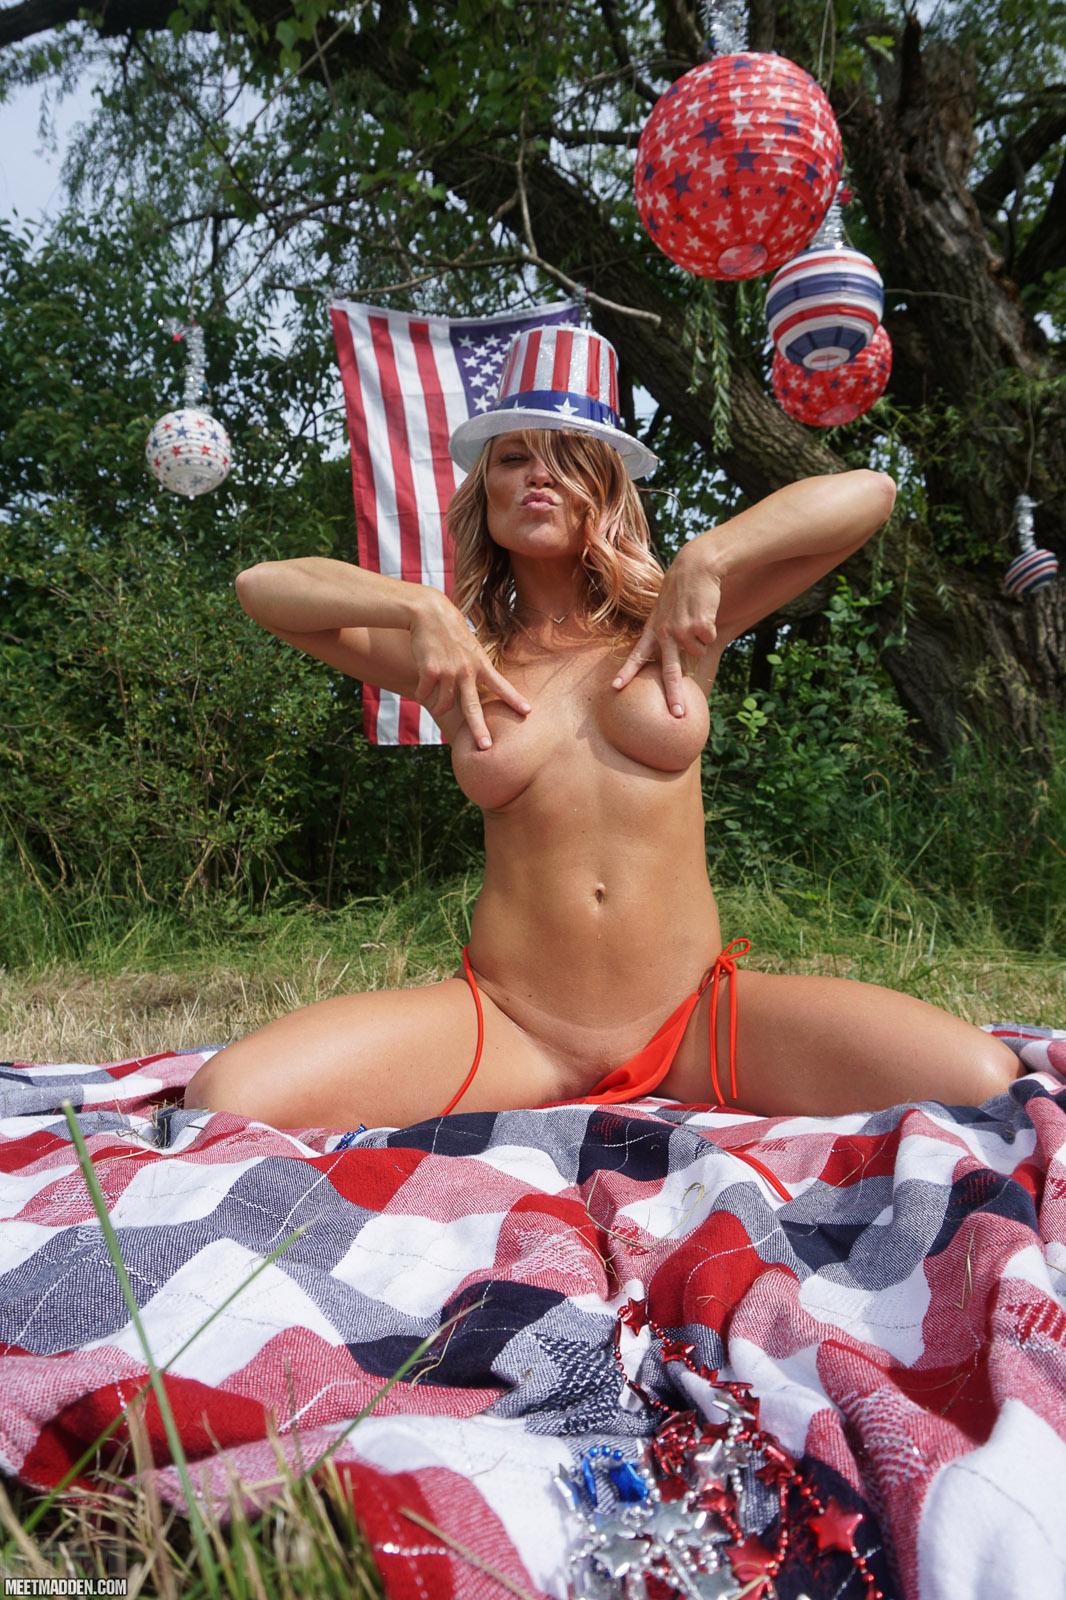 hottystop meet madden all american girl 10